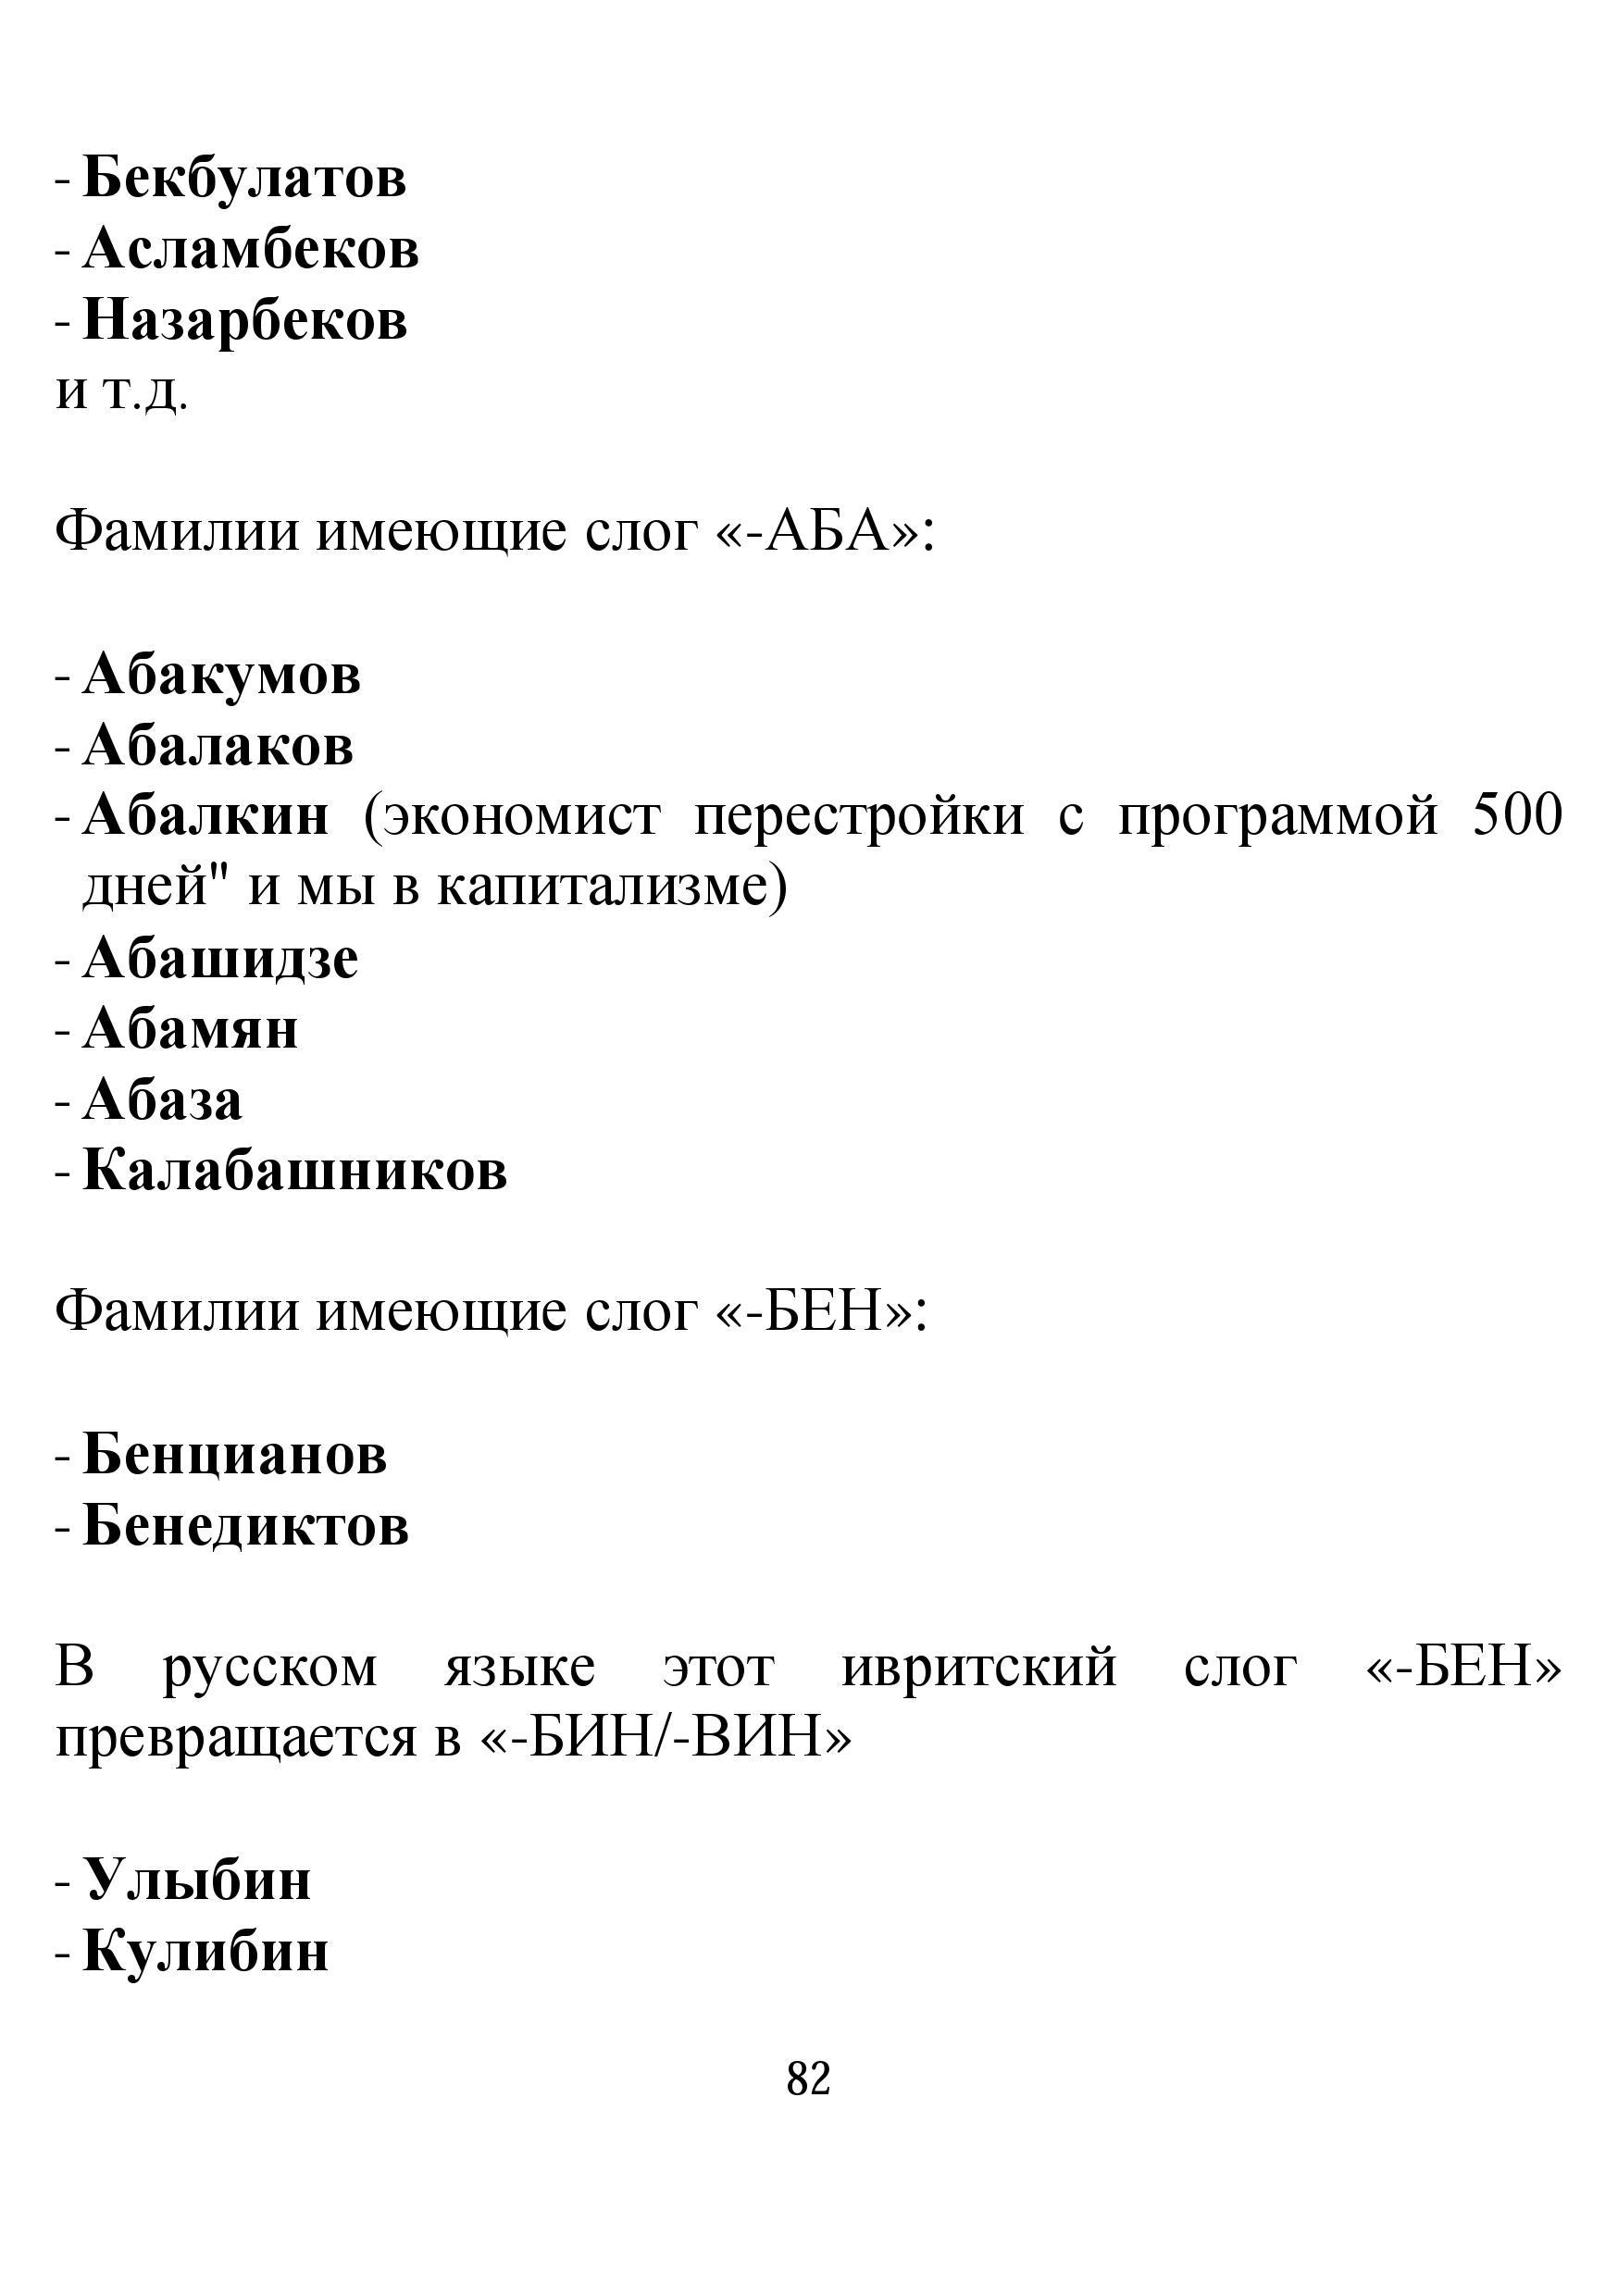 http://s3.uploads.ru/GsulD.jpg